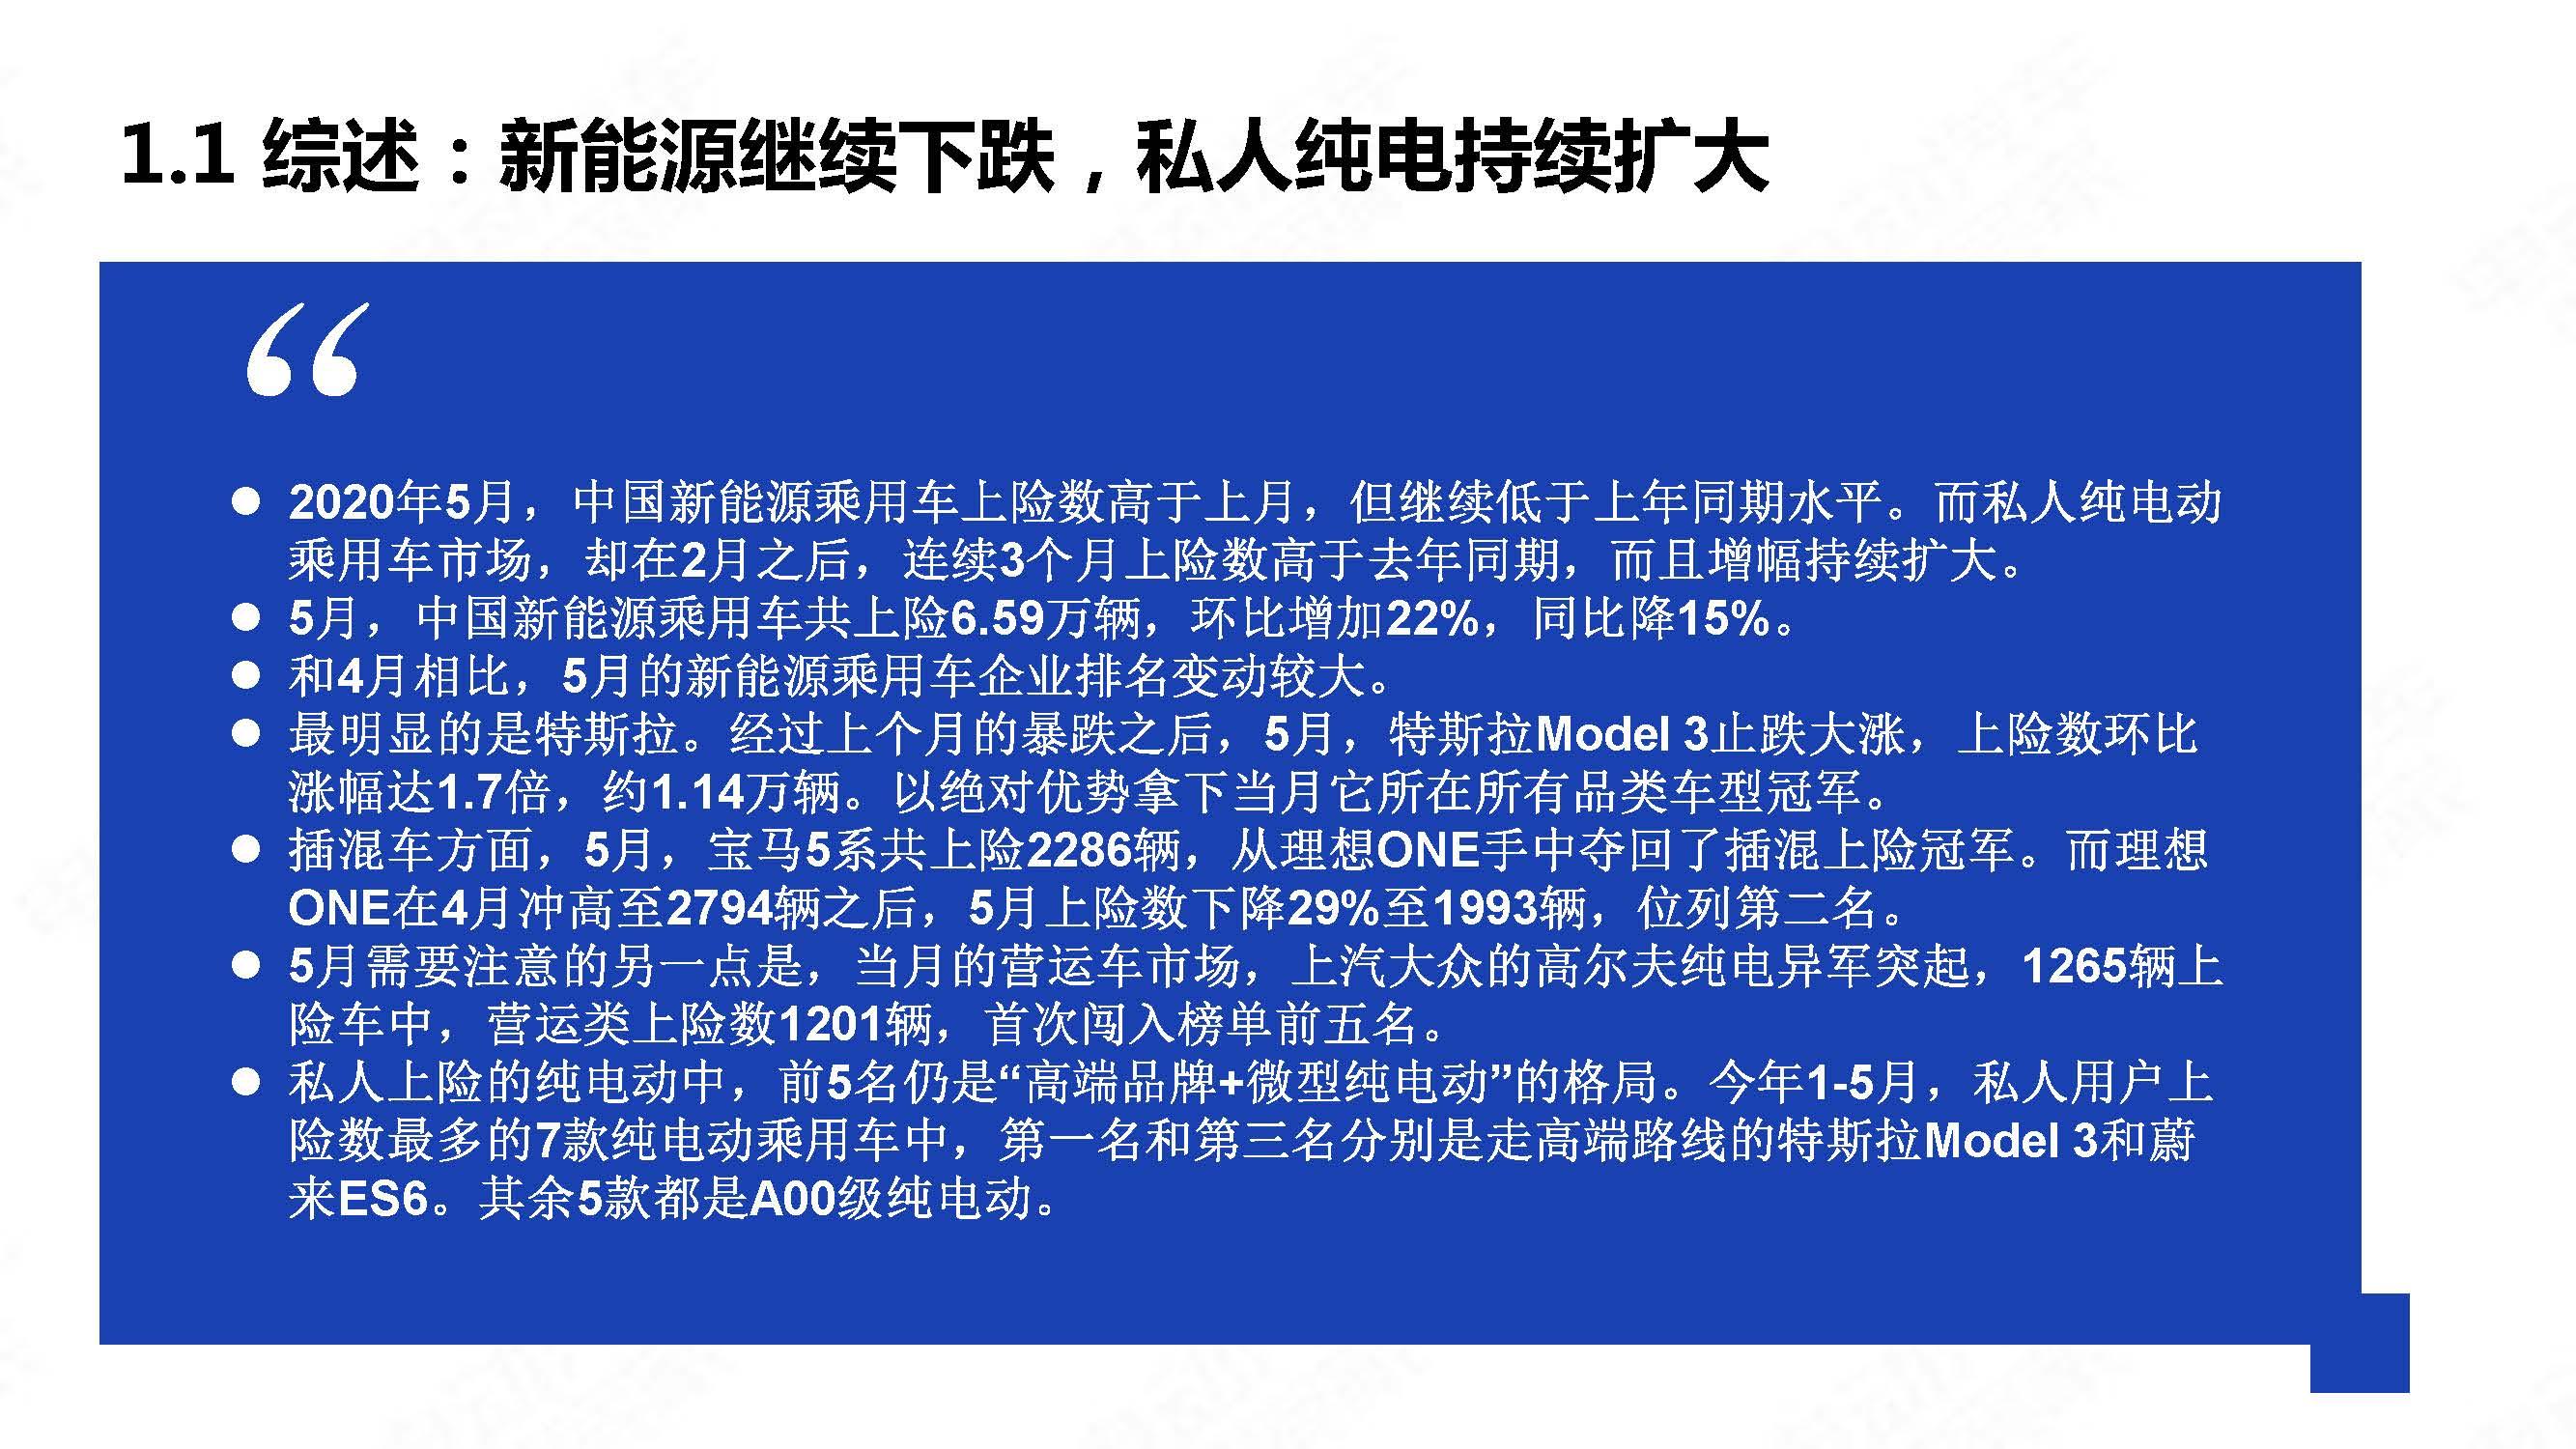 中国新能源汽车产业观察2020年5月简版_页面_05